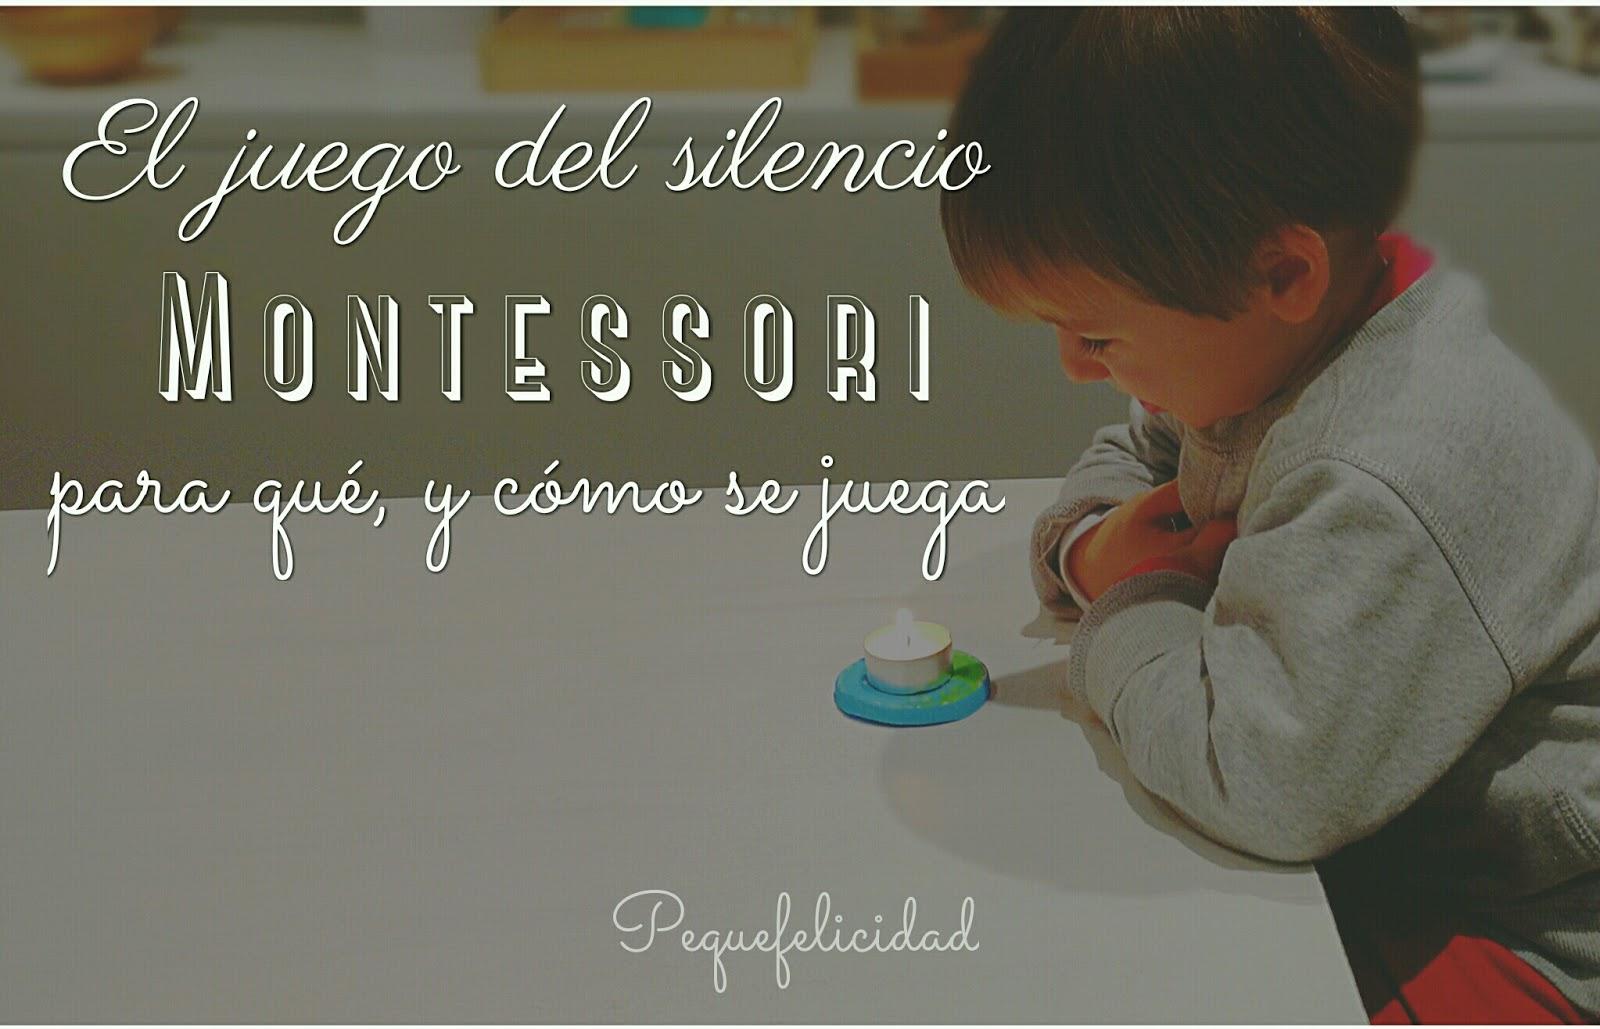 http://www.pequefelicidad.com/2016/01/el-juego-del-silencio-para-que-se-usa-y.html